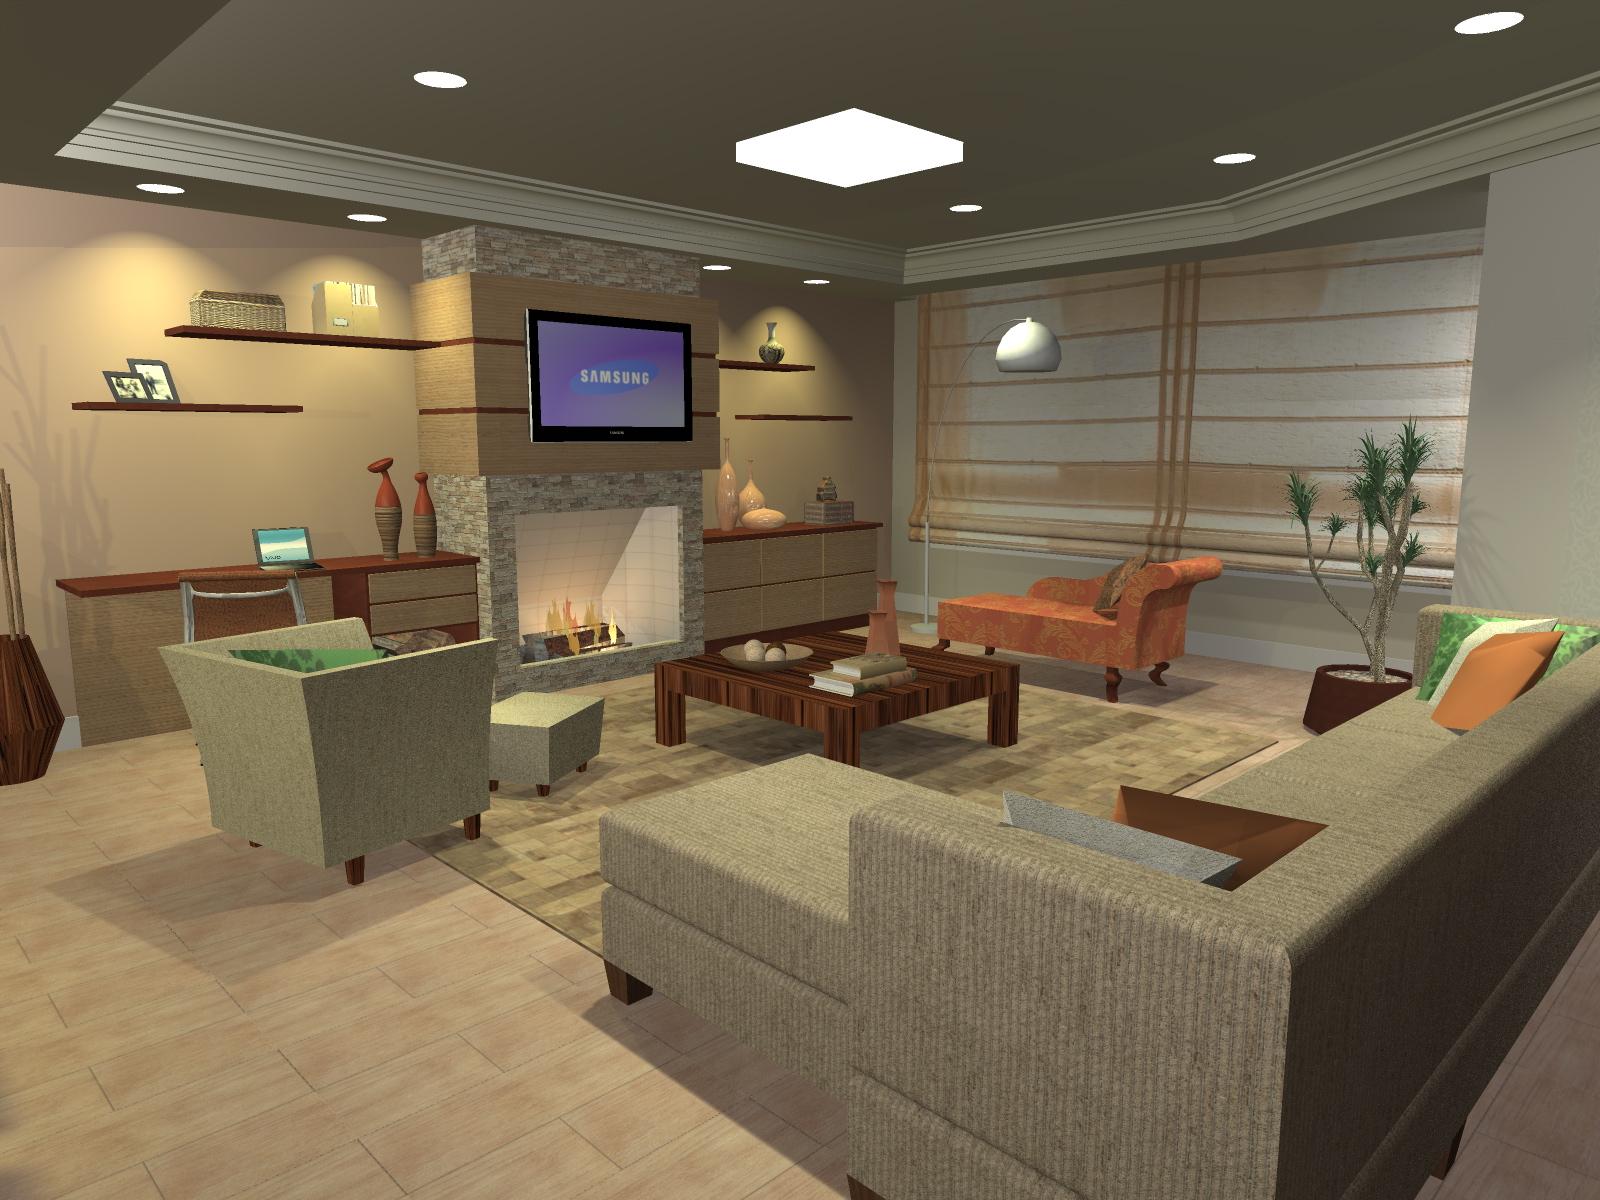 #995E32 Design Estúdio de Arquitetura Sala de Estar e Jantar : Salas De  1600x1200 píxeis em Arquitetura E Decoração Sala De Estar